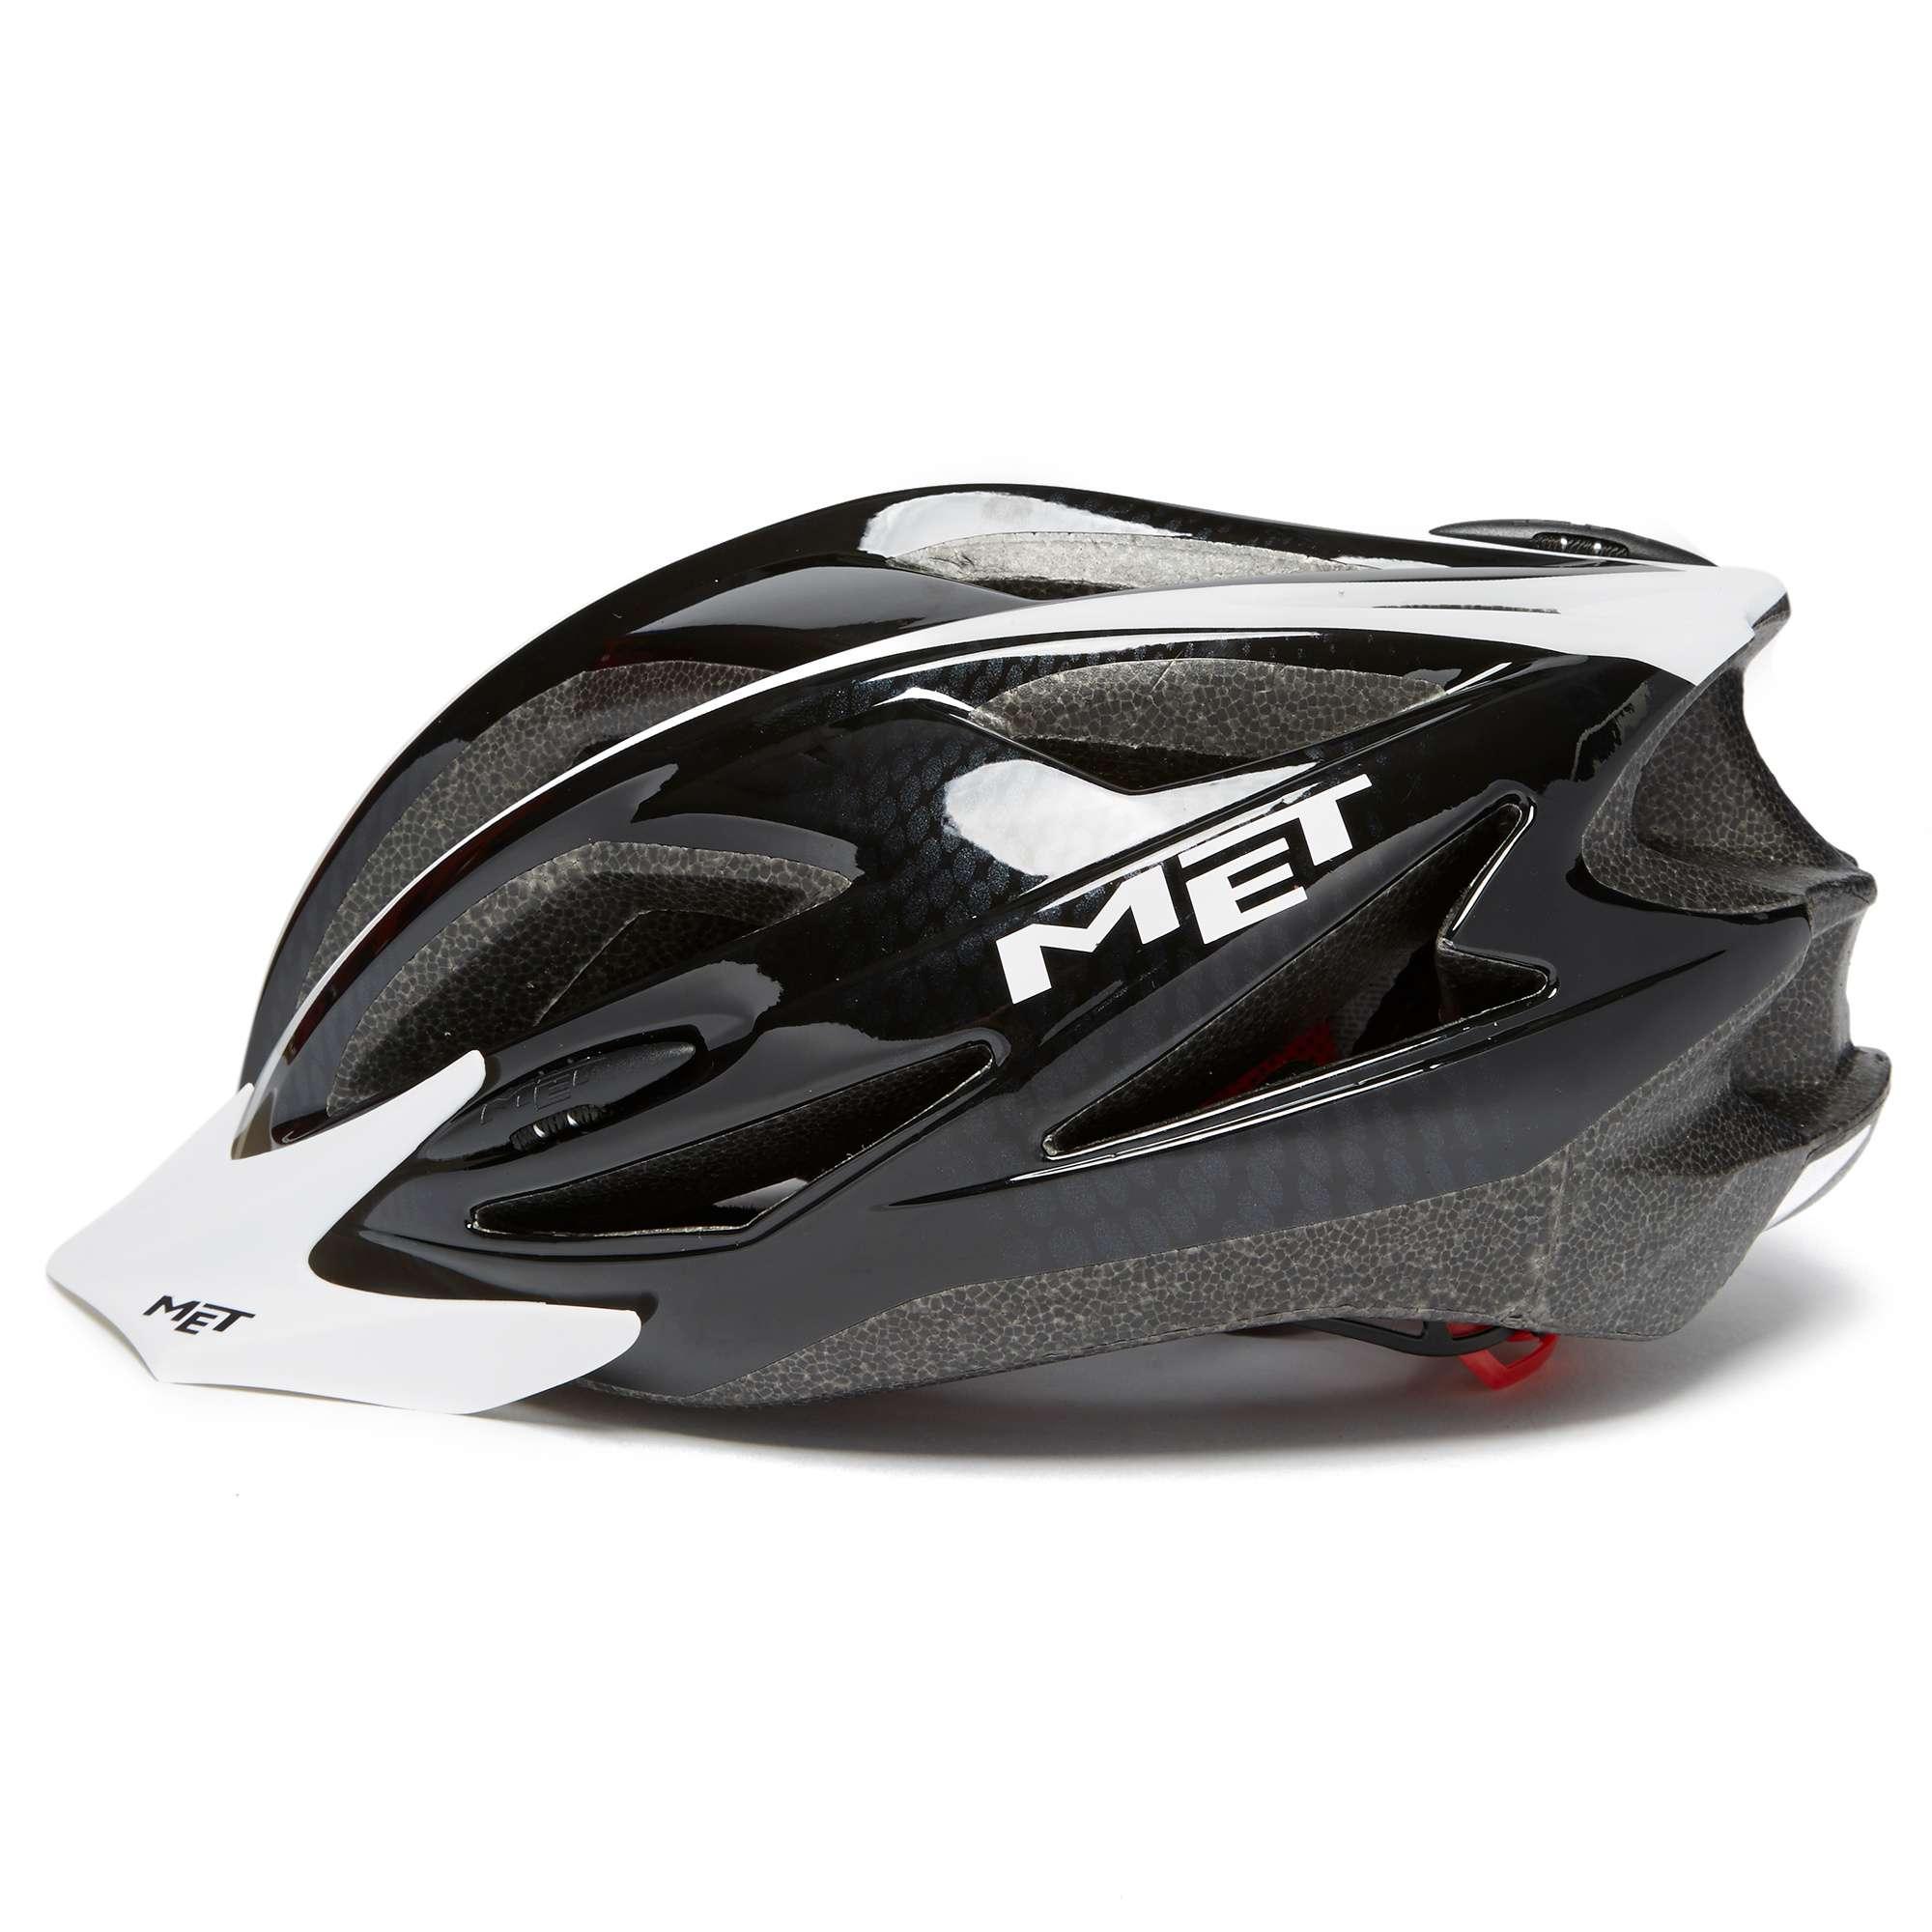 MET Men's Pilgrim Helmet